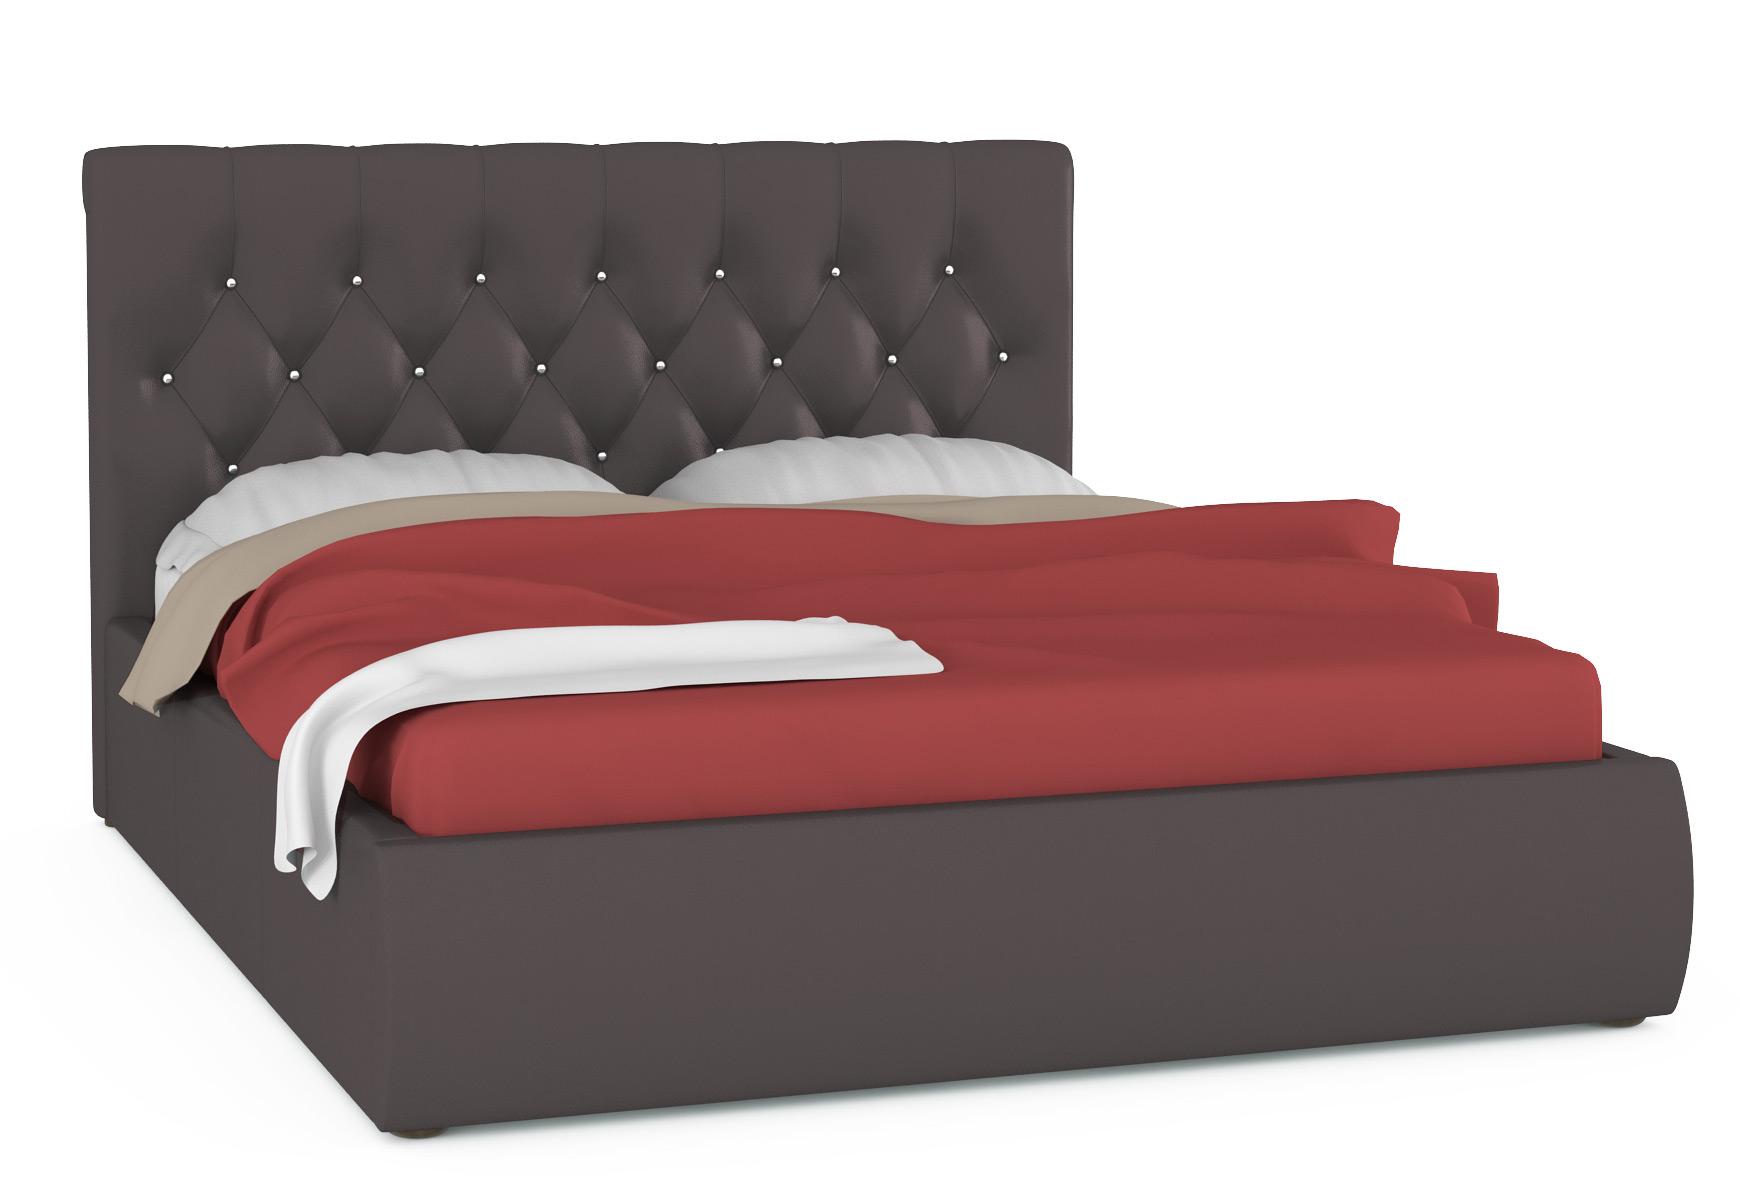 Кровать интерьерная Mobi Тиффани 176х230х109 см, коричневый фото